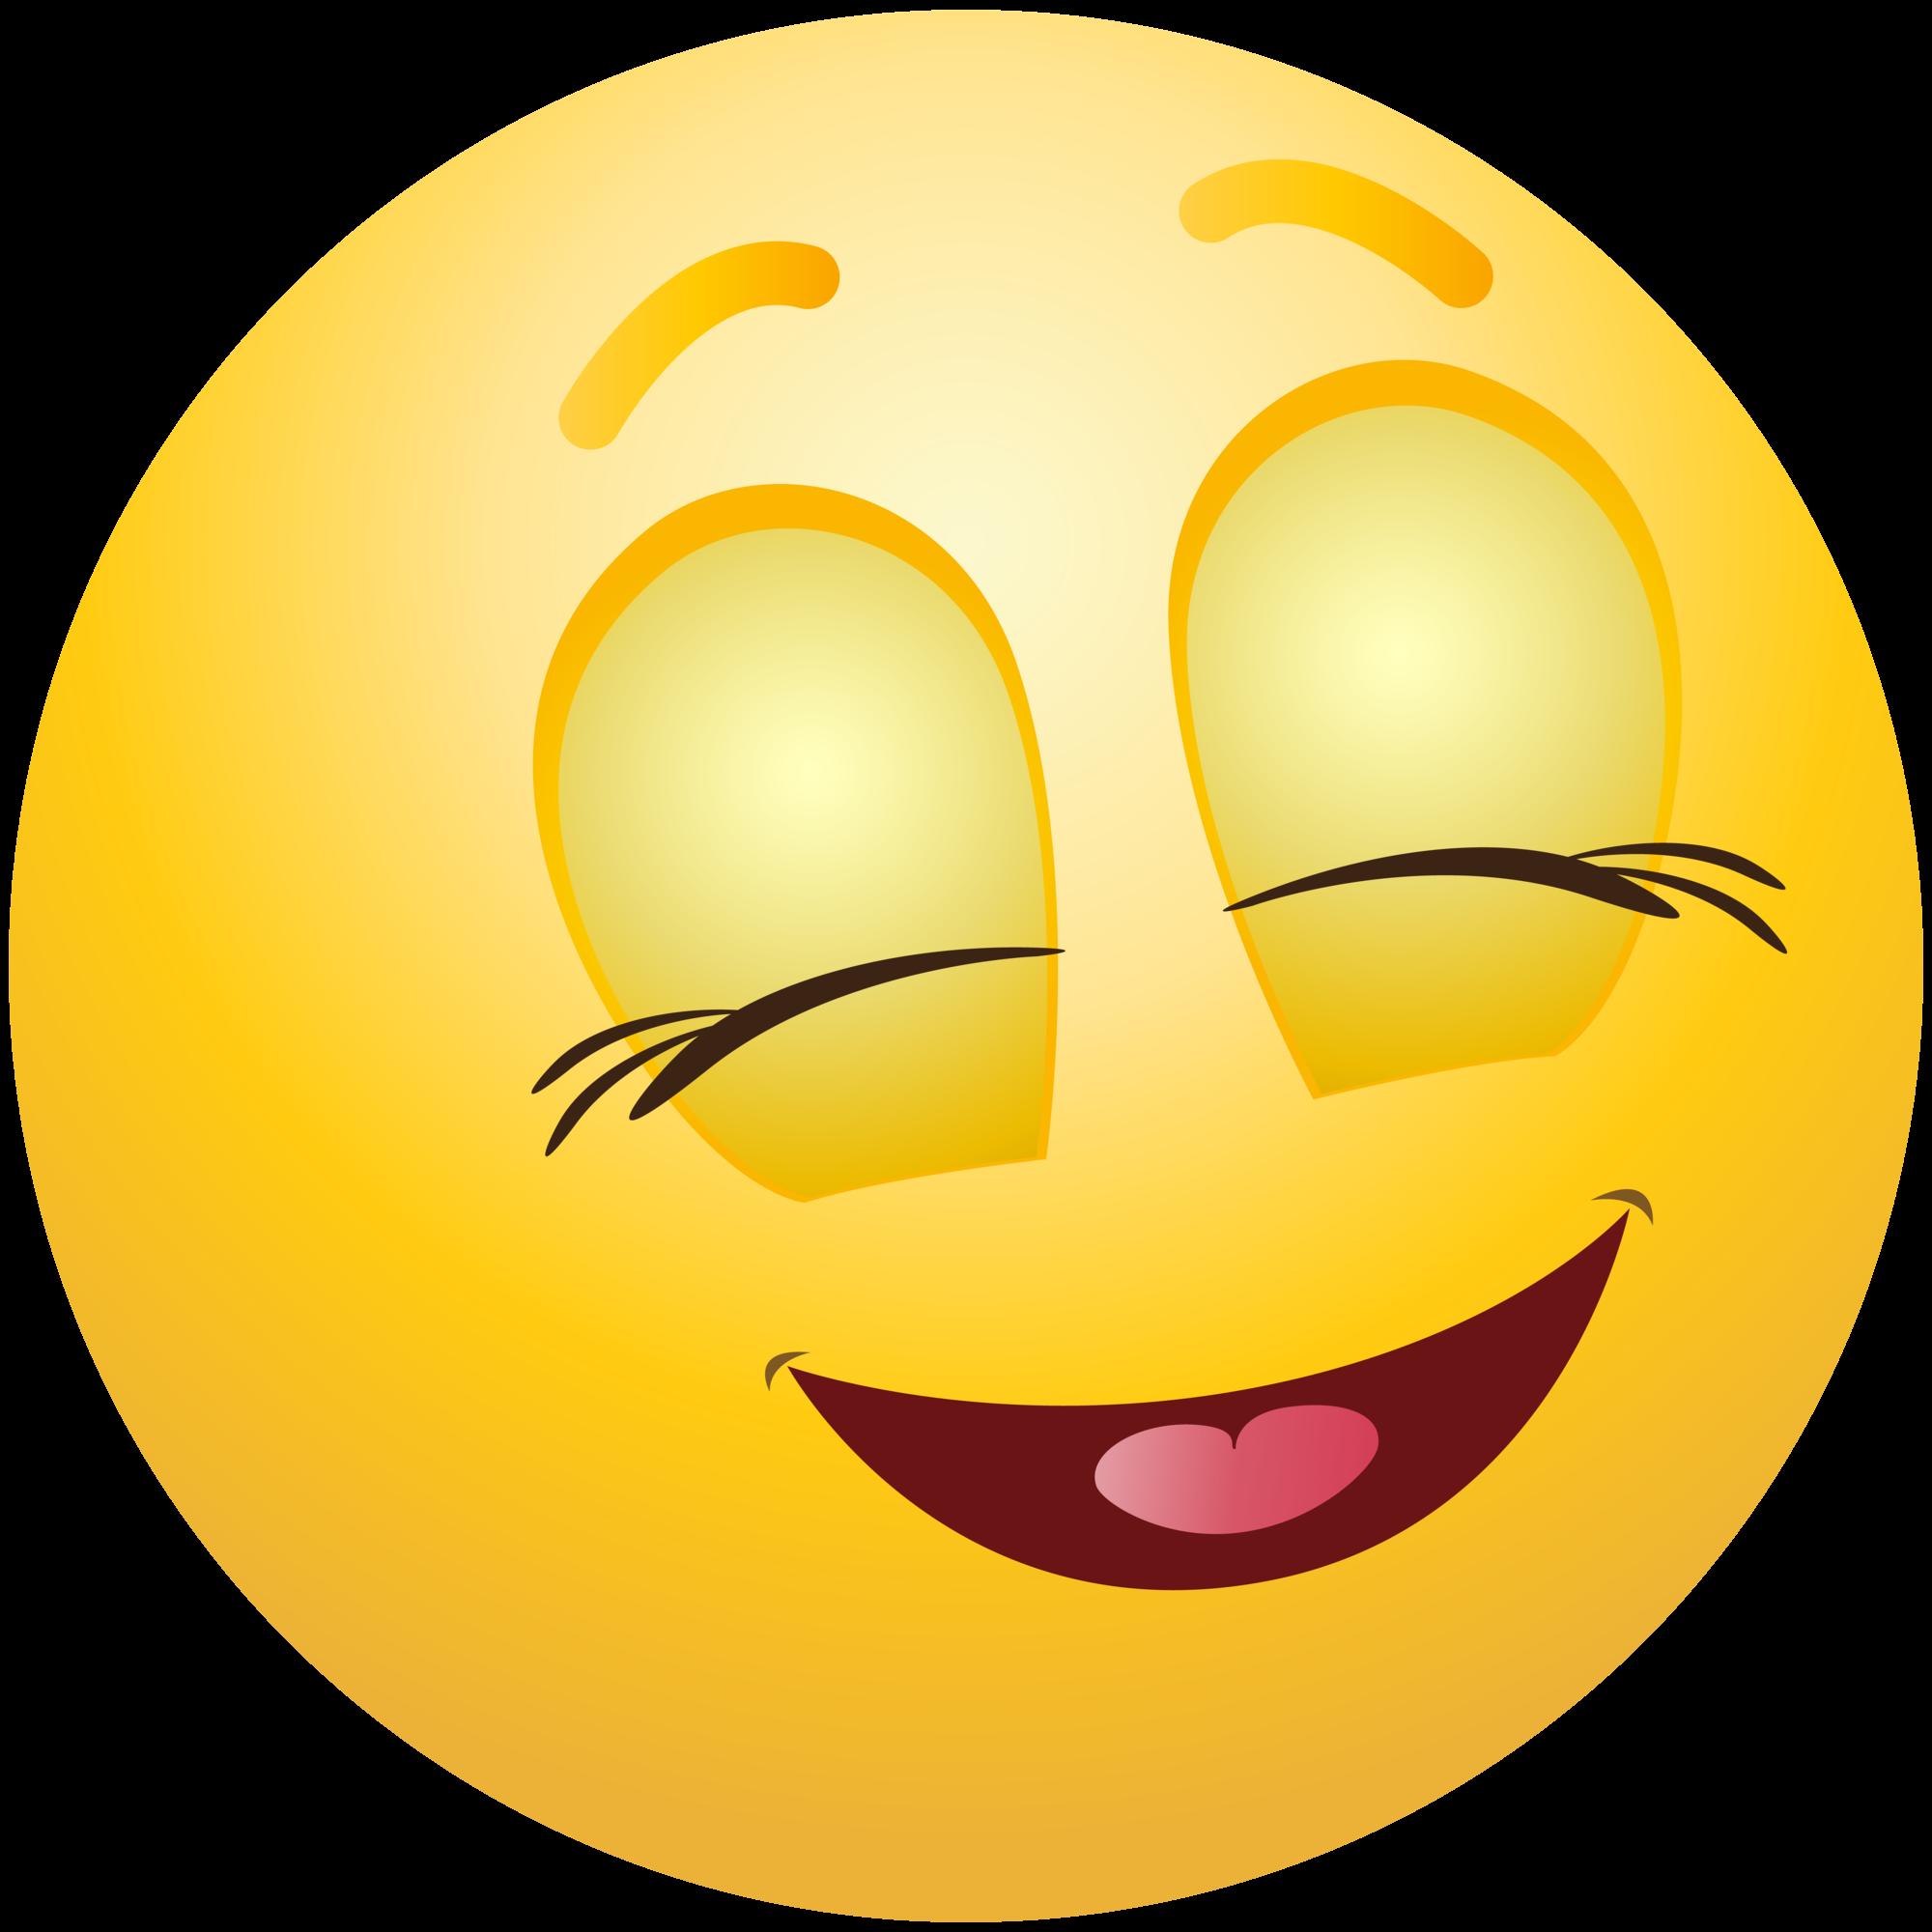 Pleased Emoticon Emoji Clipart Info.